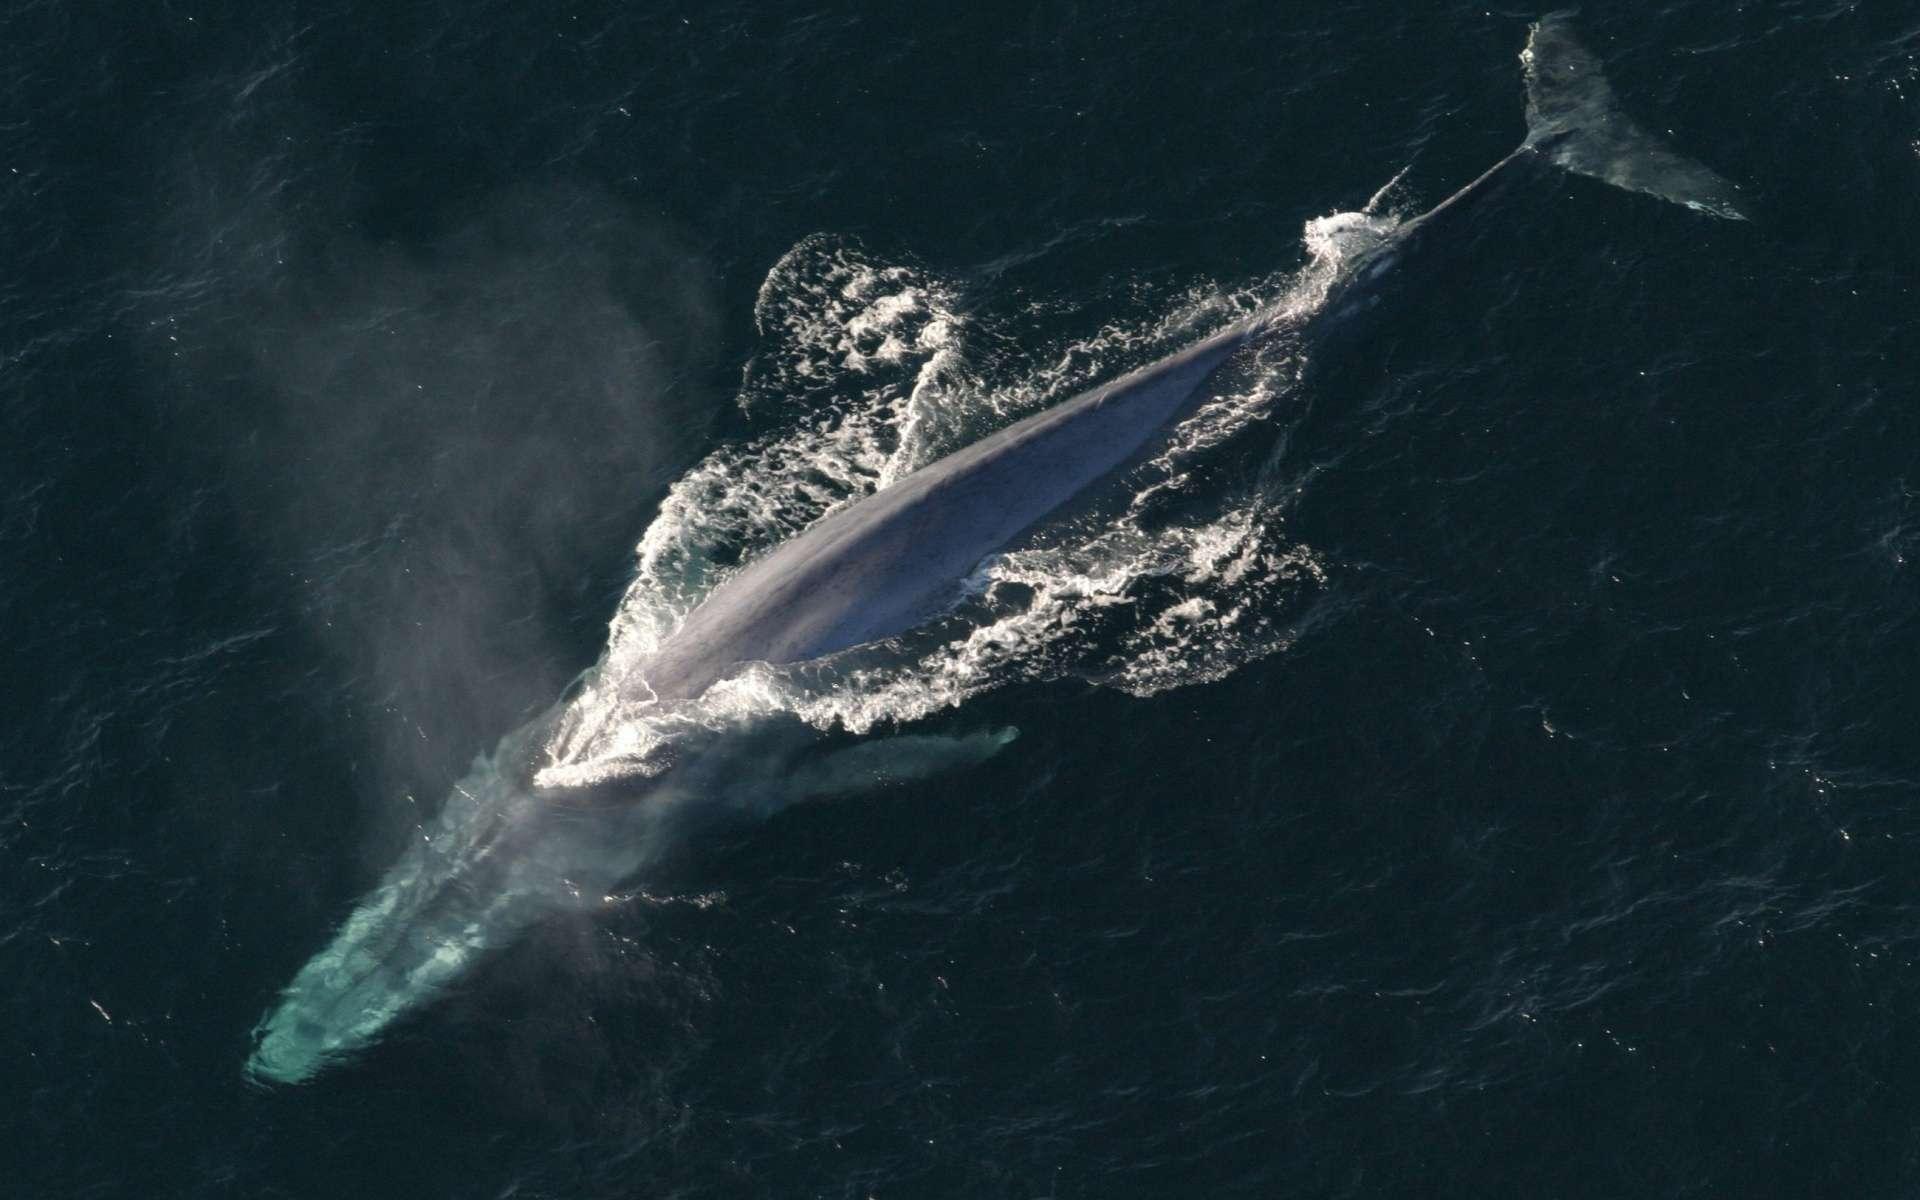 La baleine bleue a failli disparaître et a été protégée dès 1966 quand les captures ont chuté drastiquement. Mais le plus grand animal de la Terre avait déjà rapetissé. © CC0 Public Domain